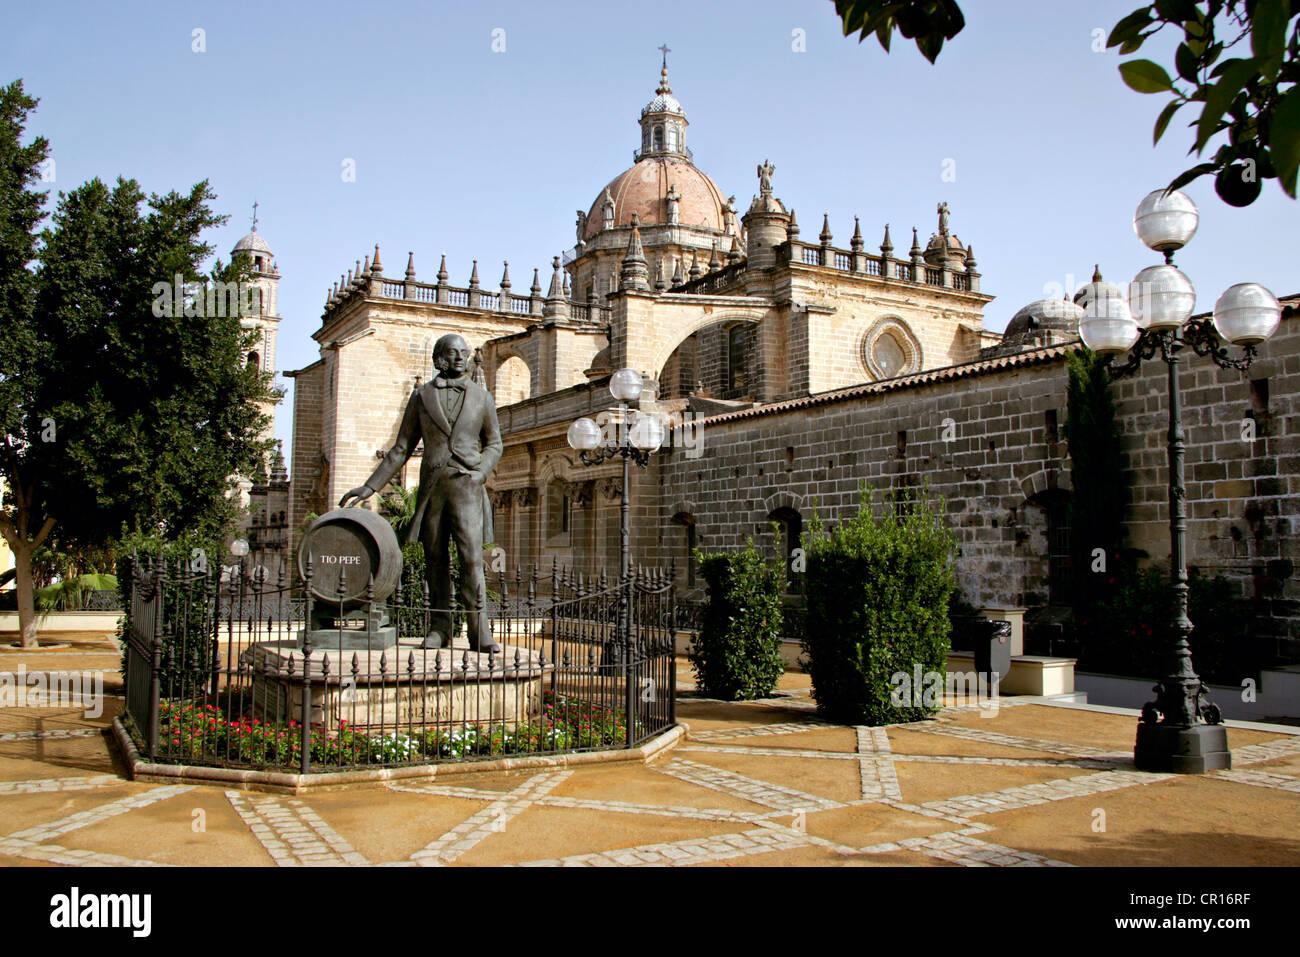 Spanien, Andalusien, Jerez De La Frontera, die Kathedrale und die Statue von Tio Pepe Stockbild